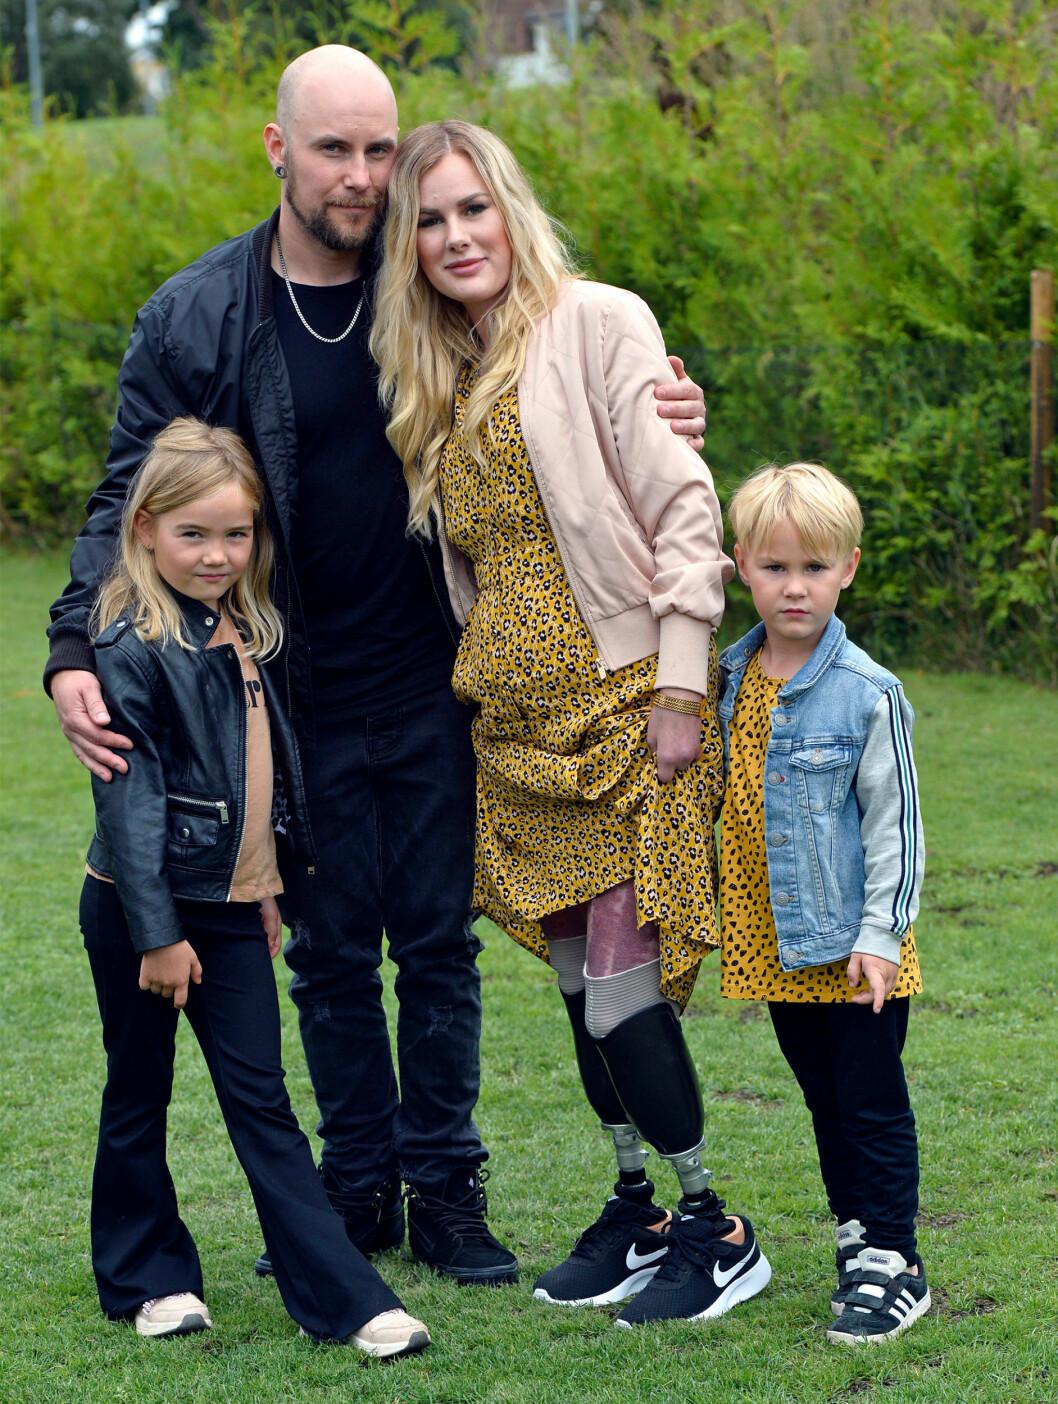 Olle och Elin tillsammans med sina barn